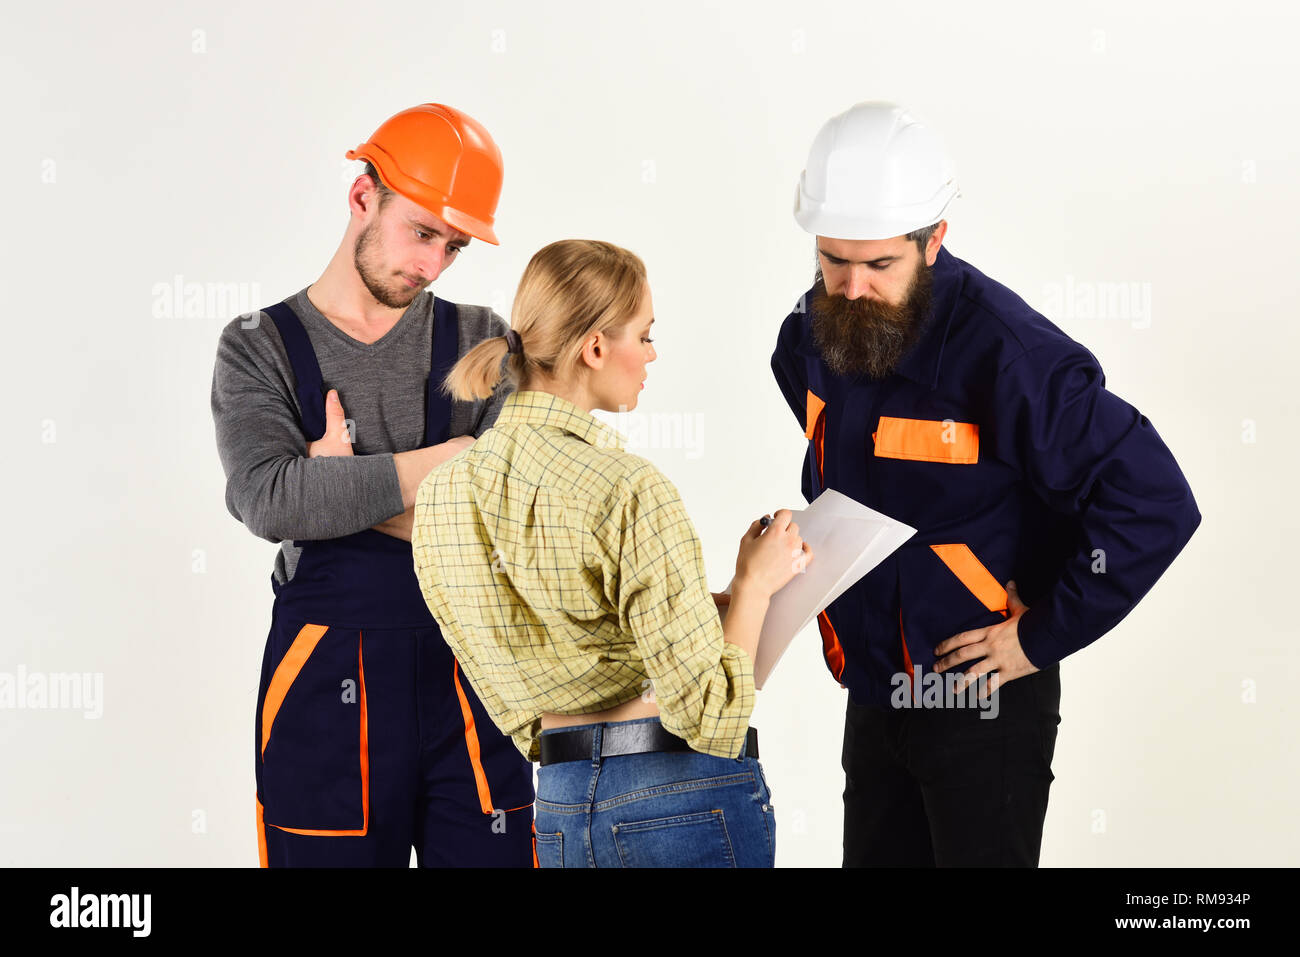 Nous construisons la certitude. L'équipe de travailleurs de la construction. Groupe de la construction ingénieurs et architectes au travail. Hommes et femmes bâtisseurs de travailler en équipe Photo Stock